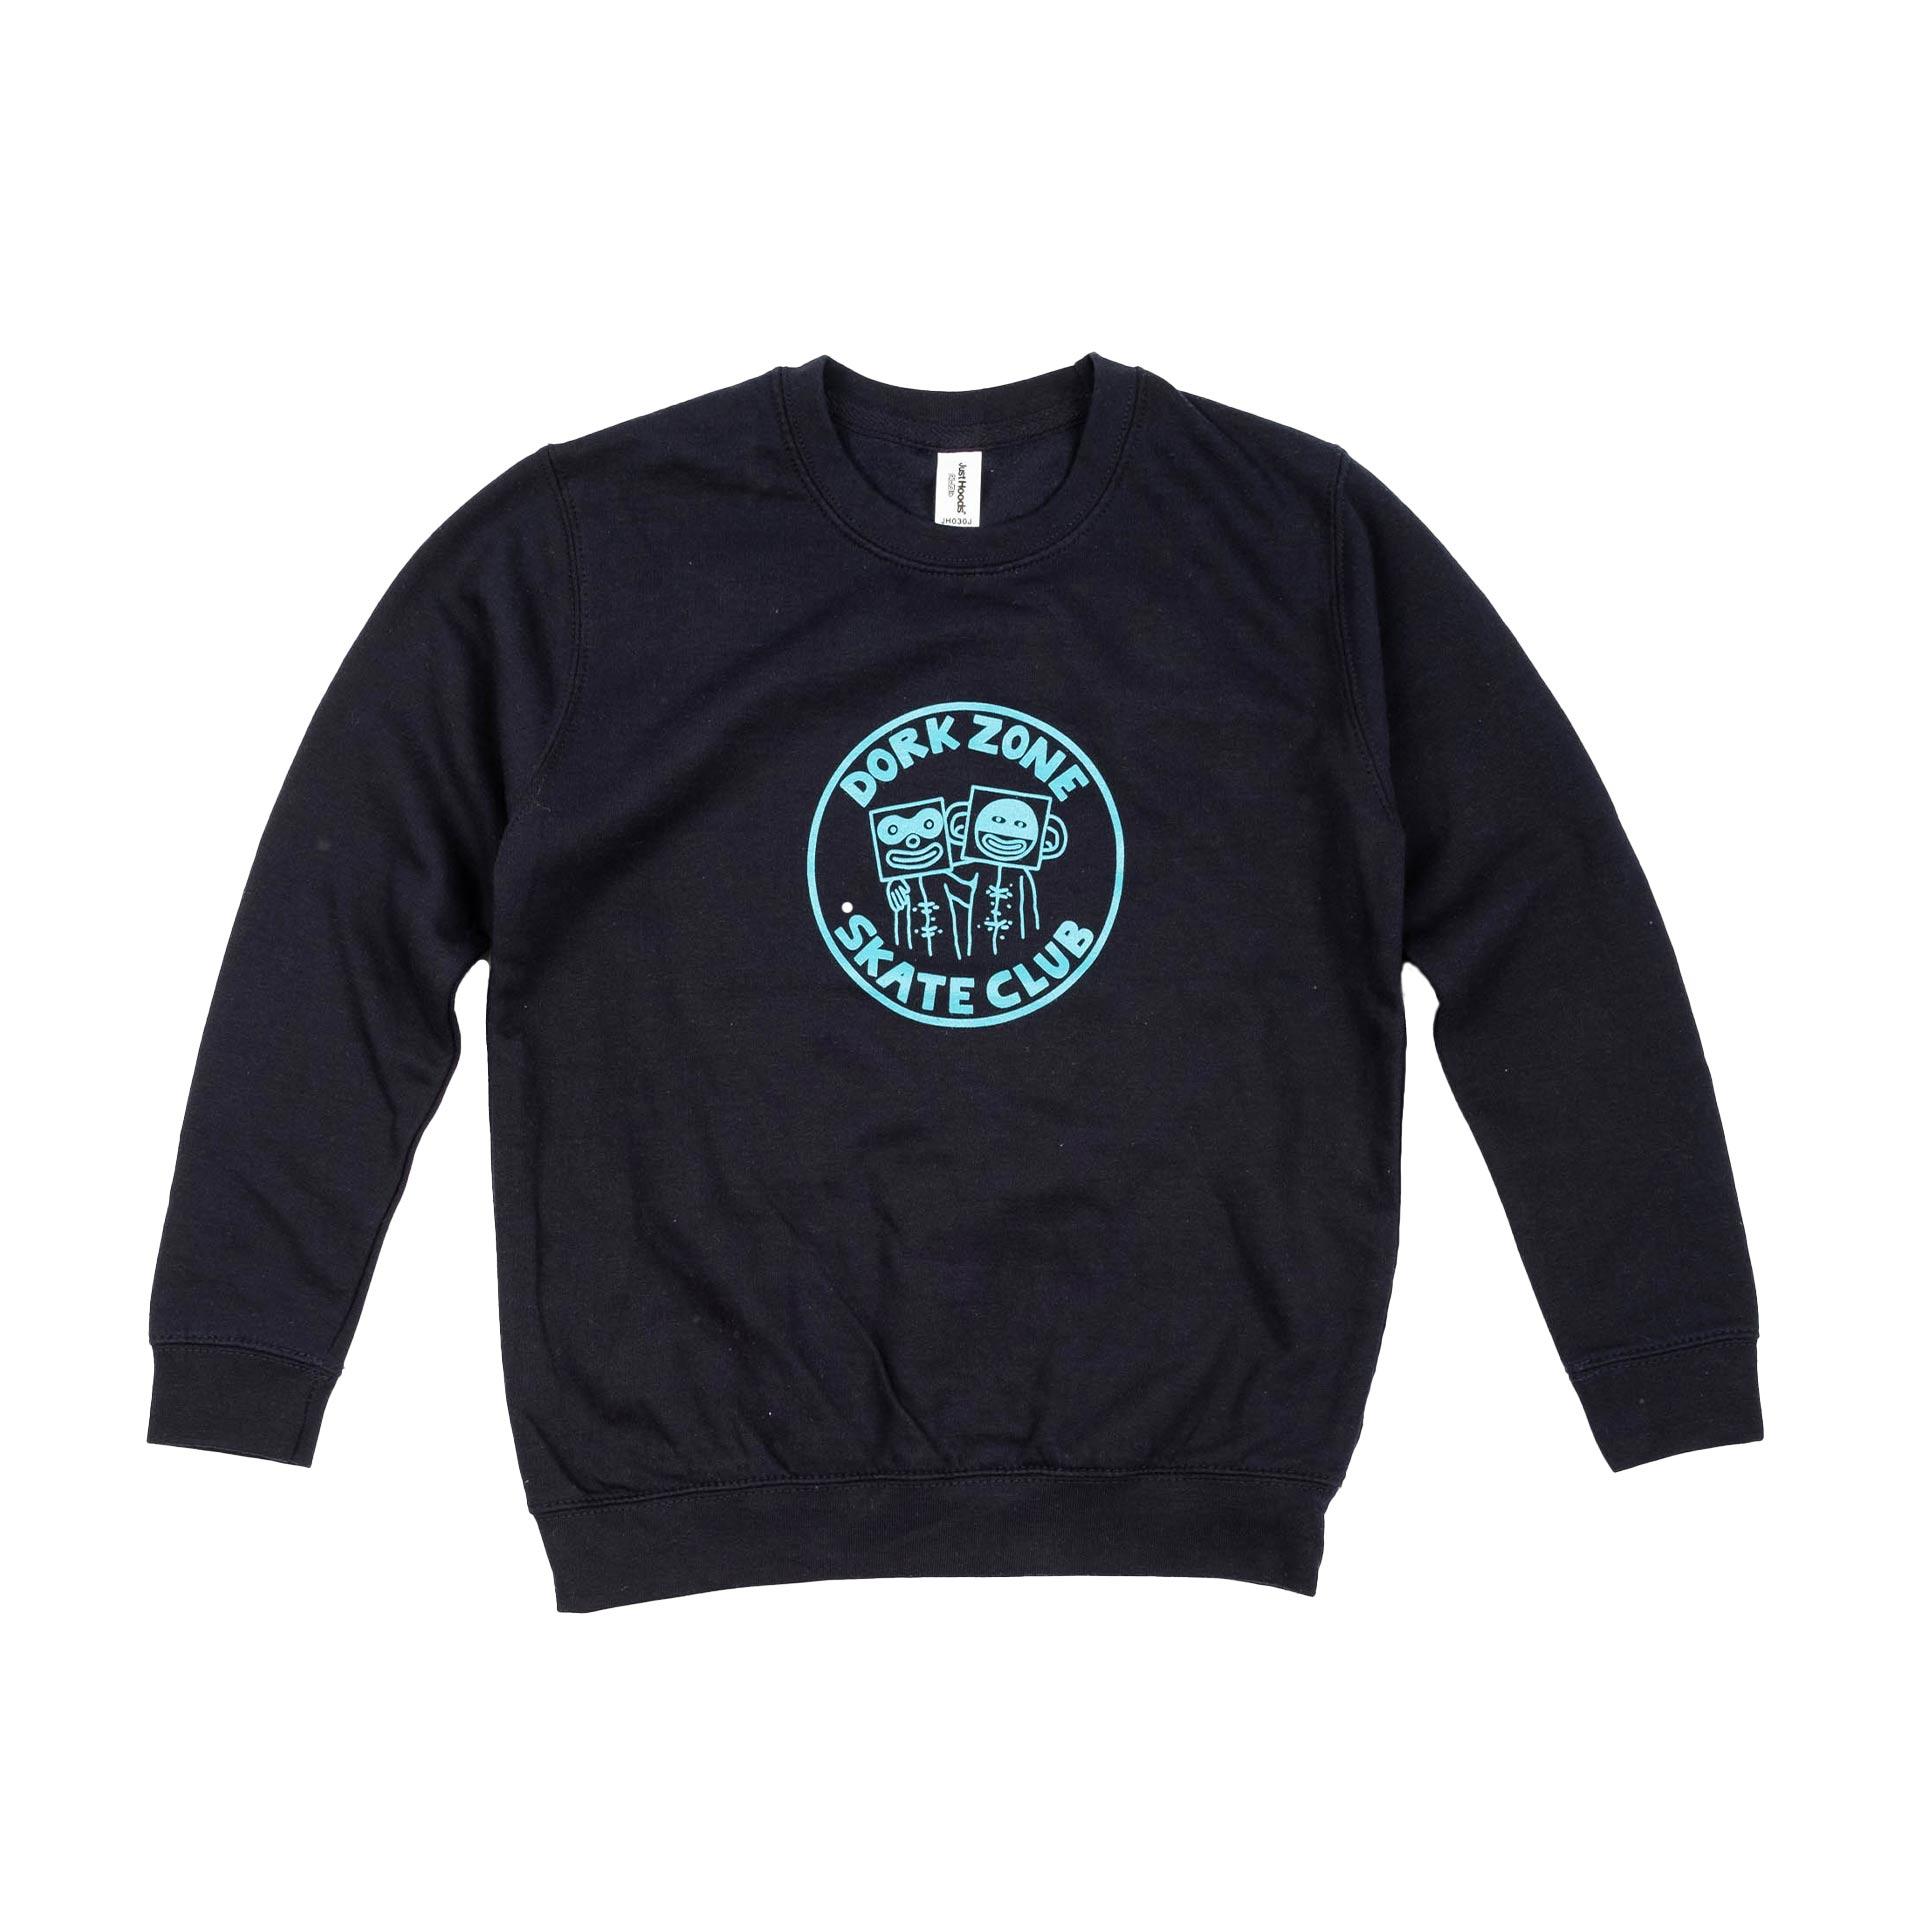 Dorkzone Skate Club Kids Sweatshirt New French Navy